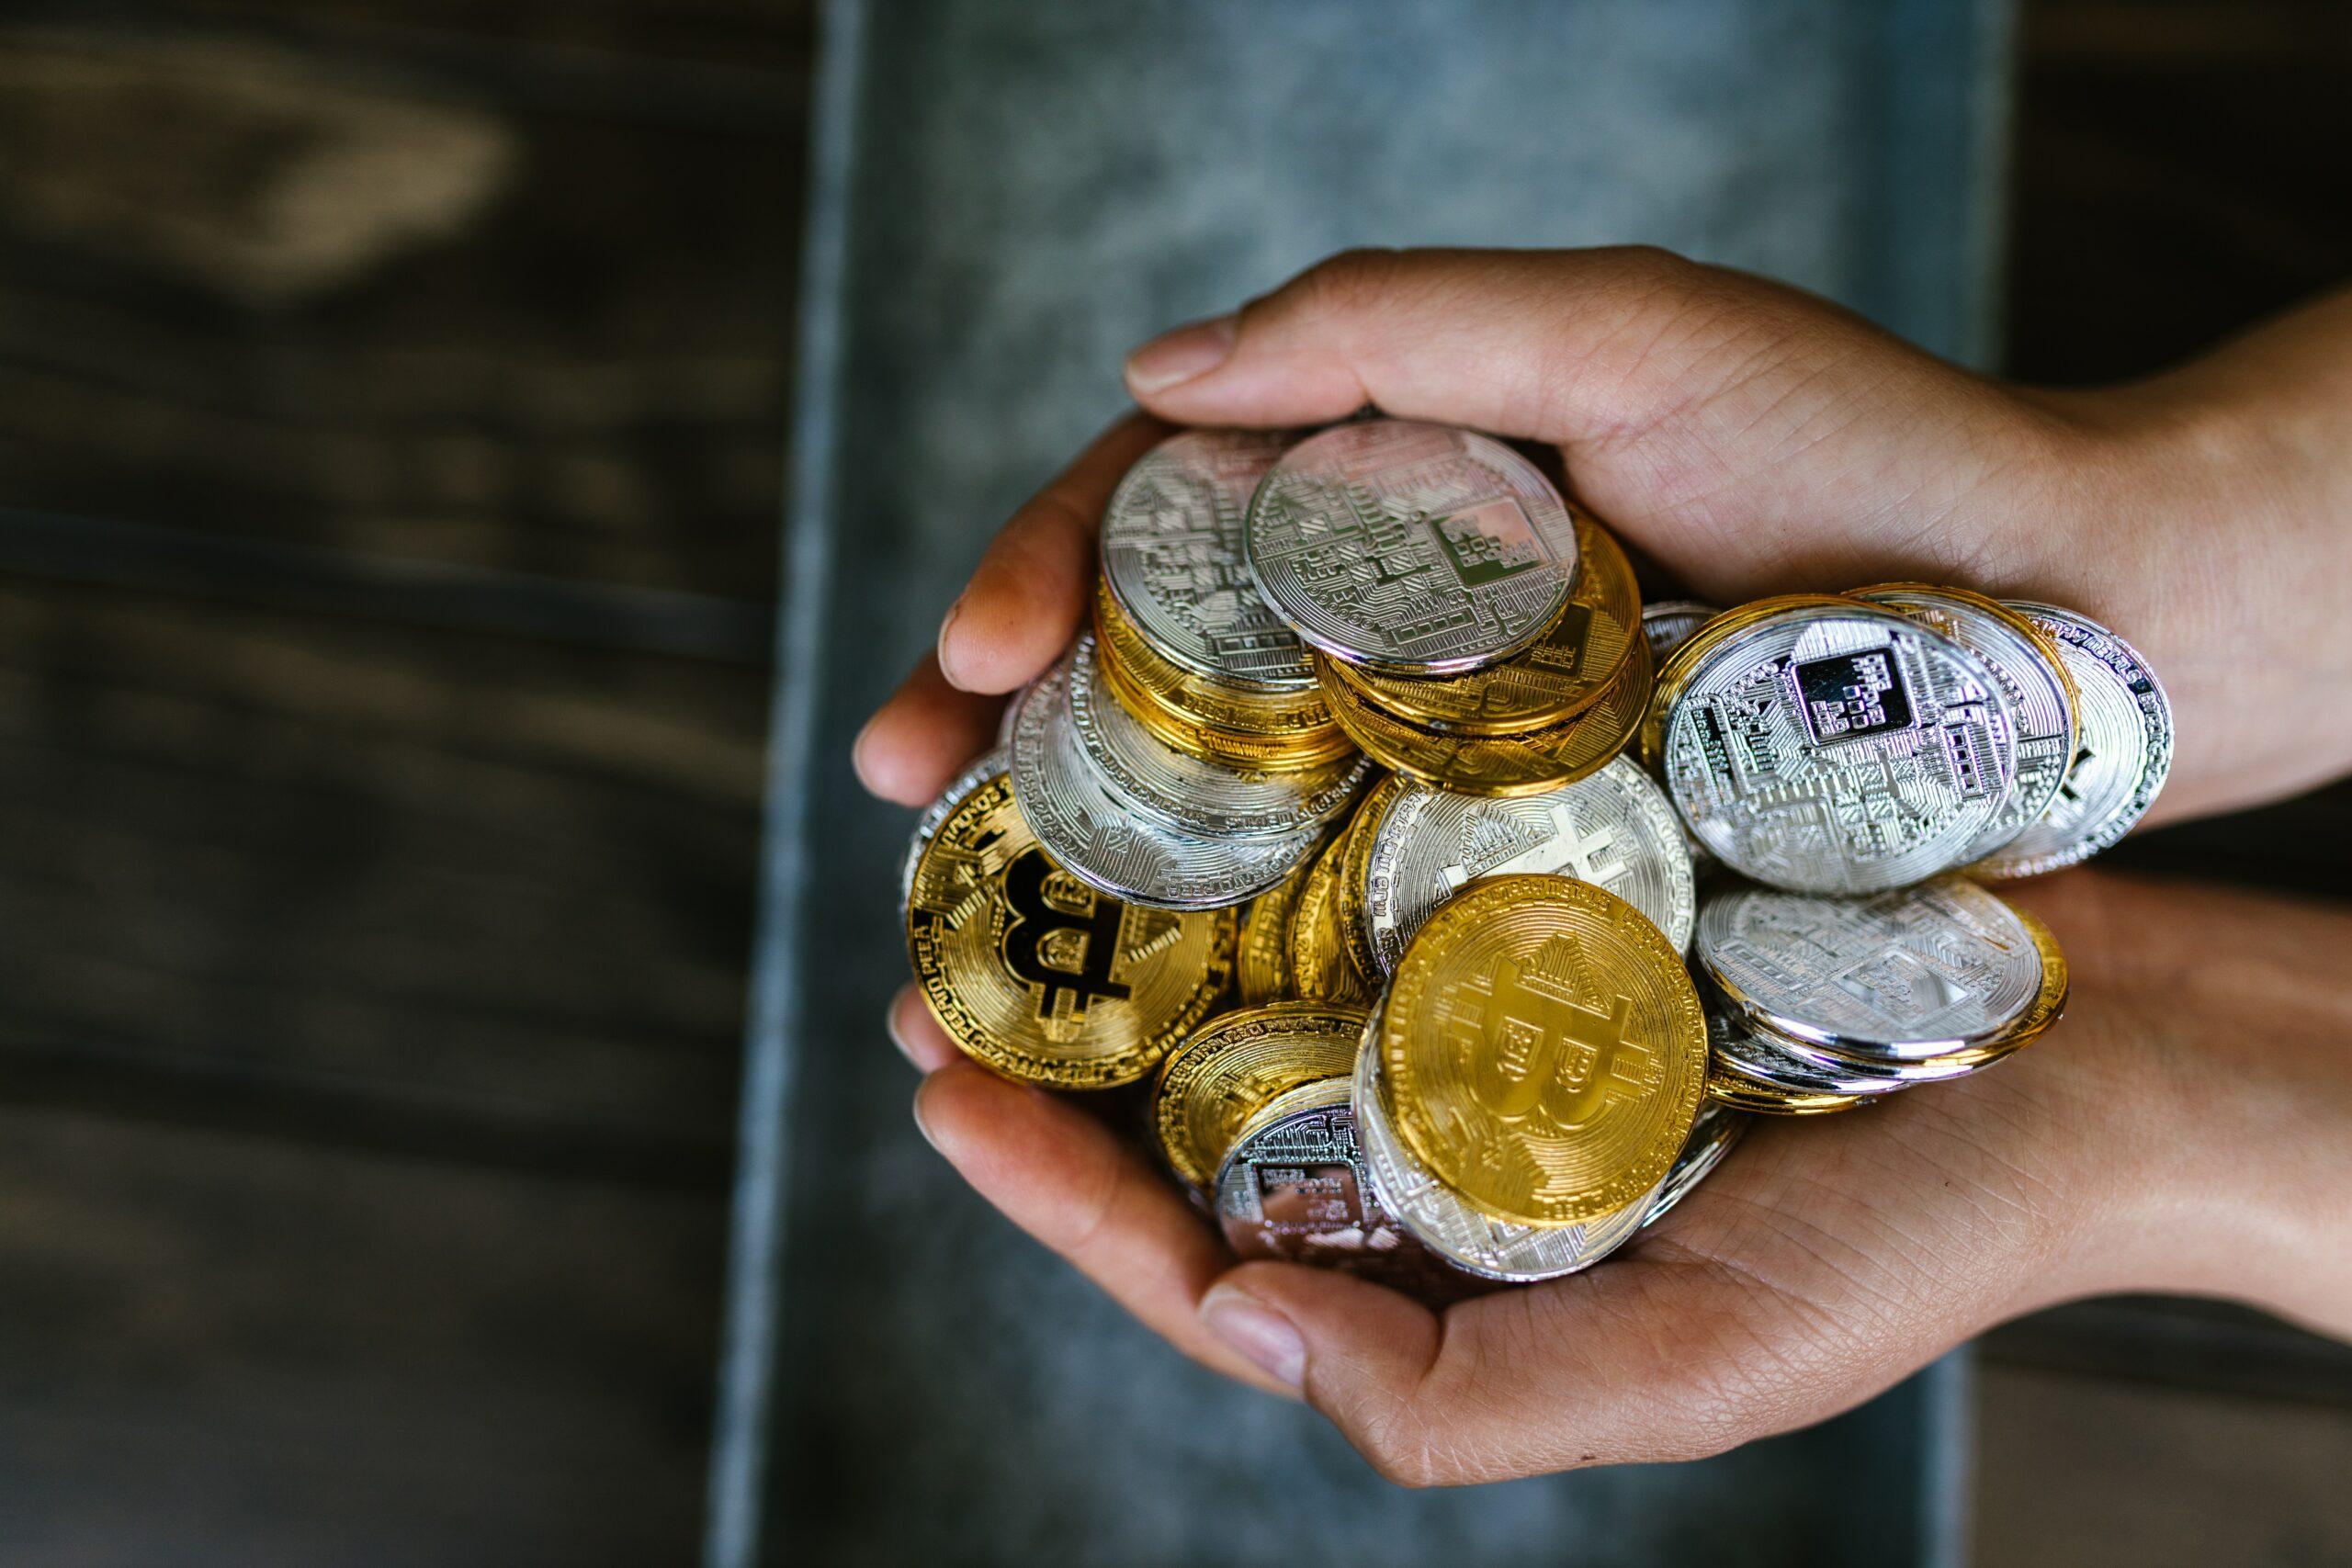 Combien y a-t-il de crypto-monnaies? Qu'est-ce qu'ils valent?